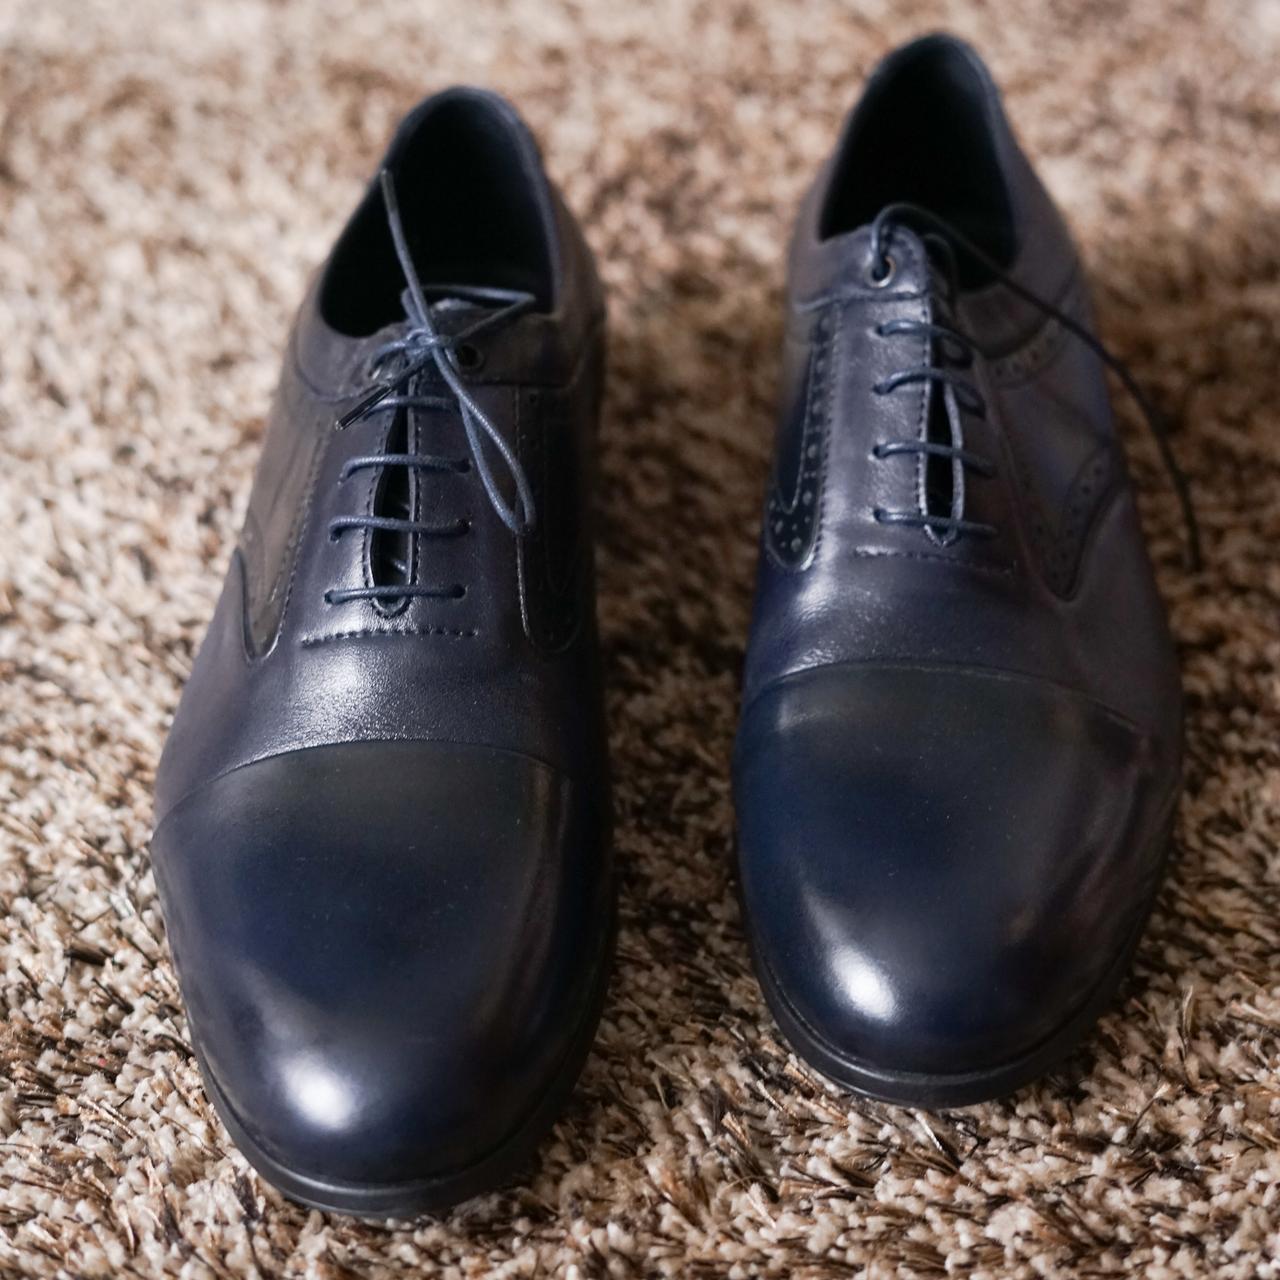 Шкіряні туфлі - якість ТОП, якщо ні повернемо гроші!